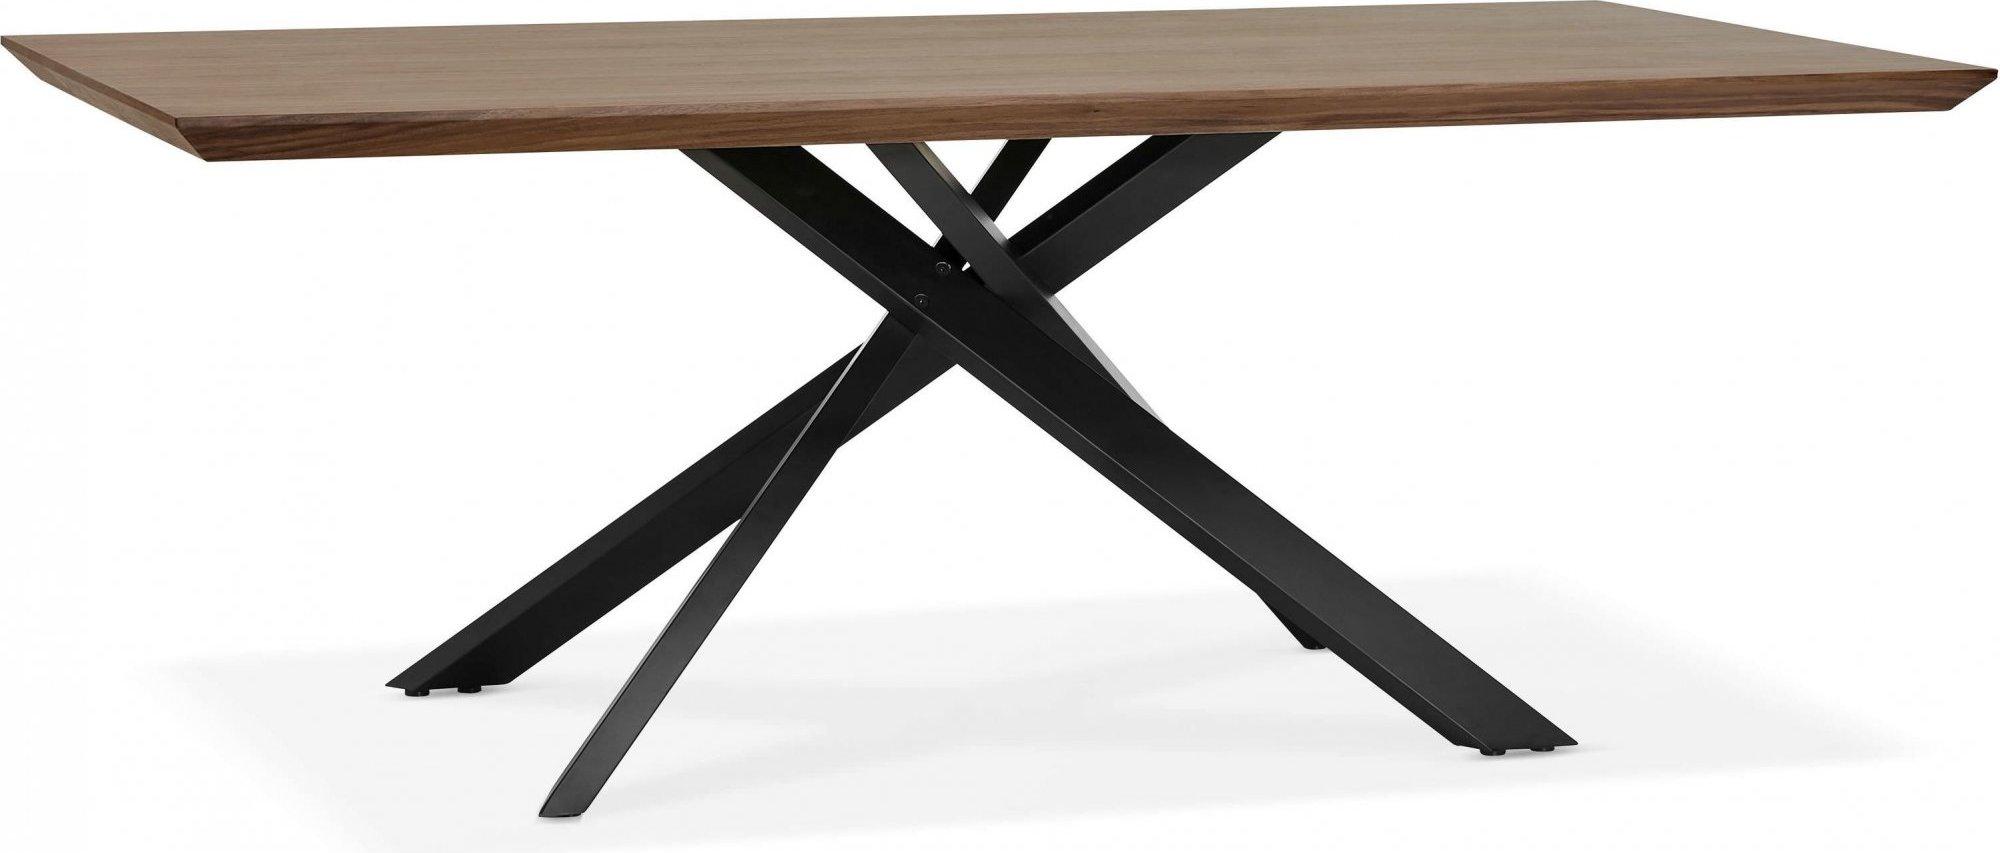 Table a diner plateau bois foncé pieds noir 8 places l200cm